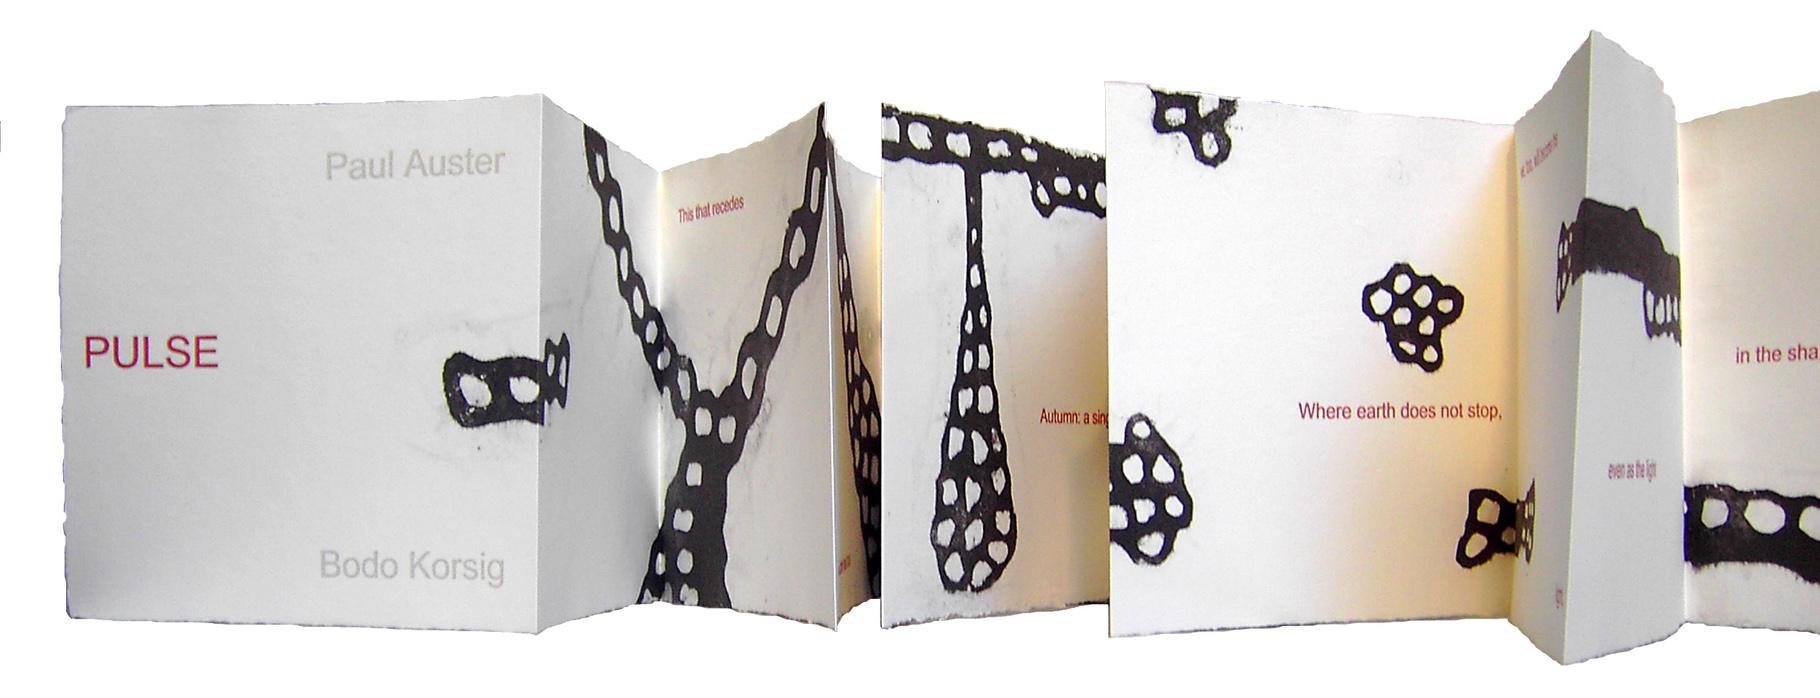 """""""Pulse"""" (2007) - Ein Künstlerbuch von Bodo Korsig mit einem Gedicht von Paul Auster, hergestellt von John Gerard"""